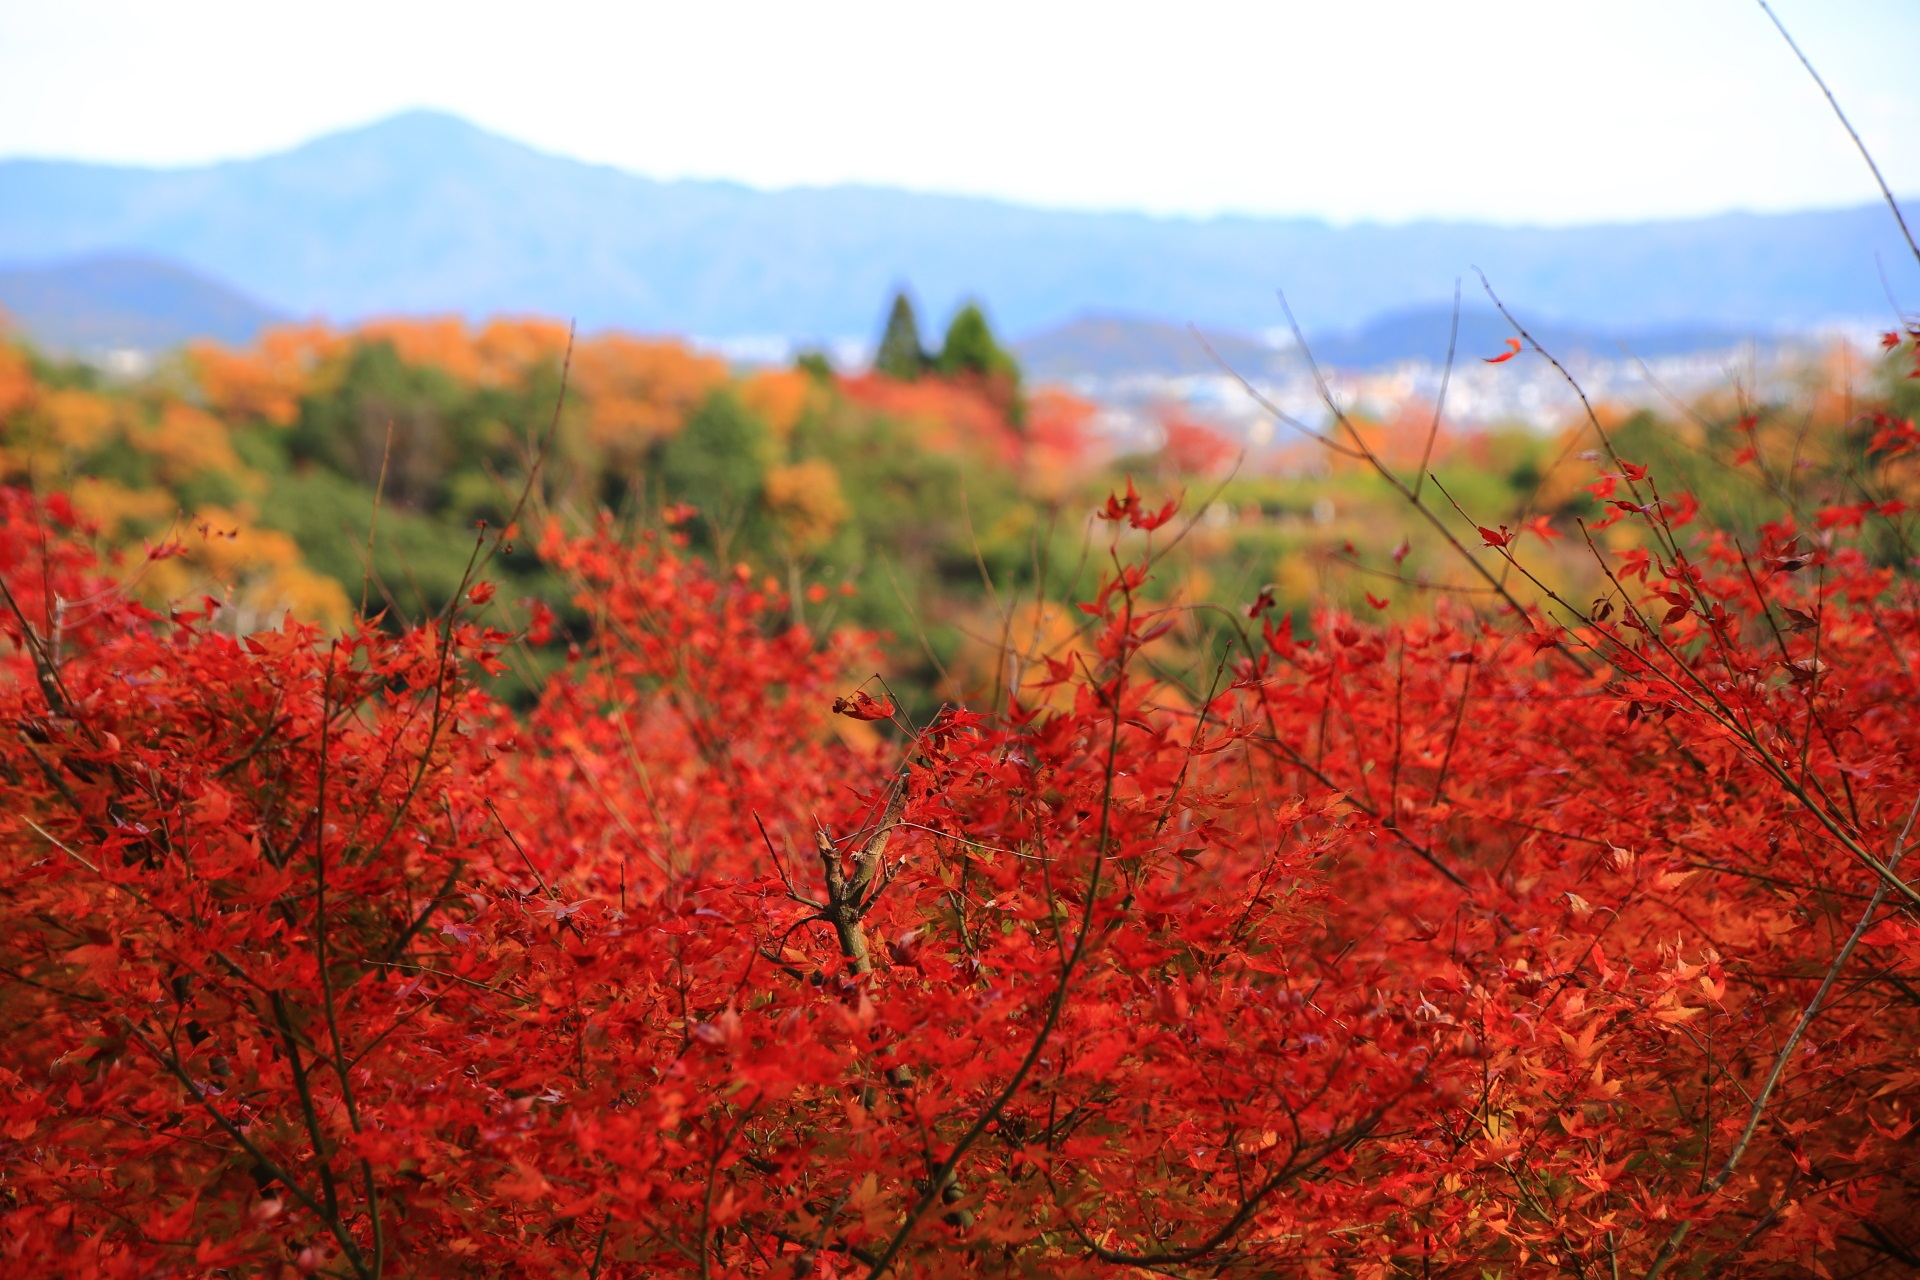 大悲閣千光寺の直ぐ目の前の溢れる真っ赤な紅葉